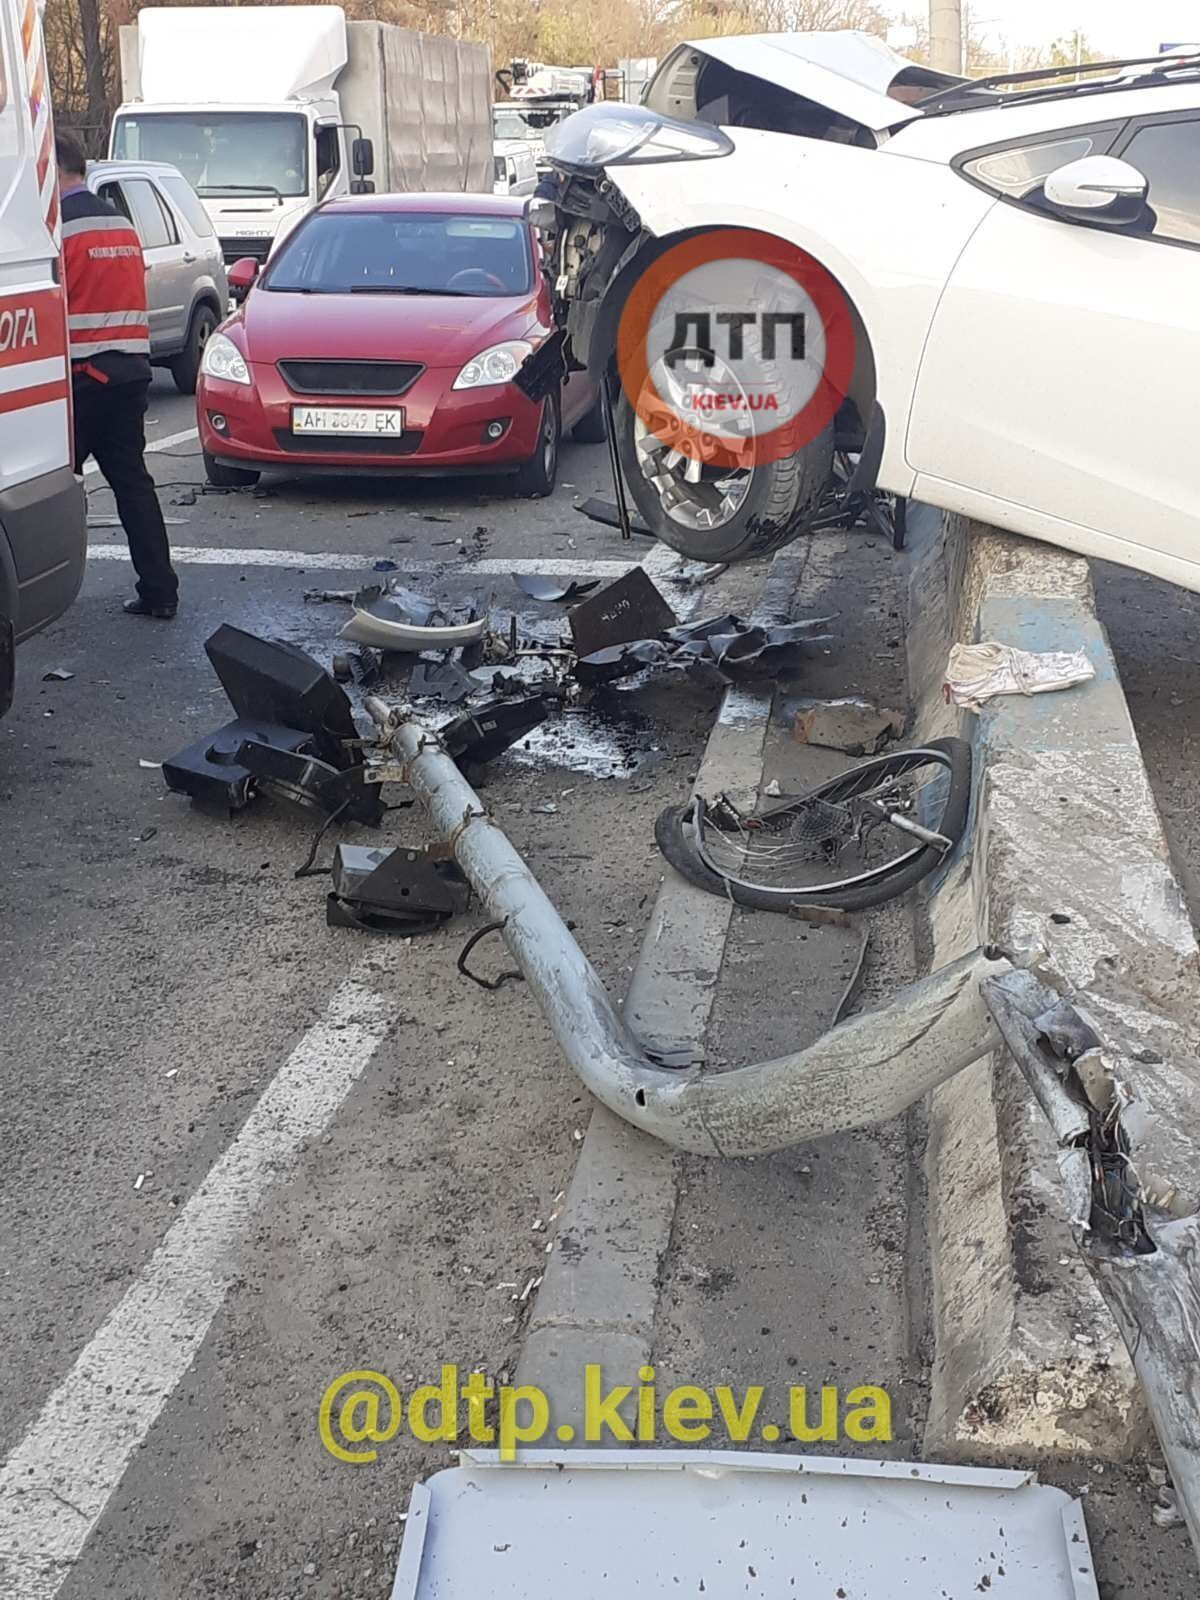 Аварія в Києві 29 квітня